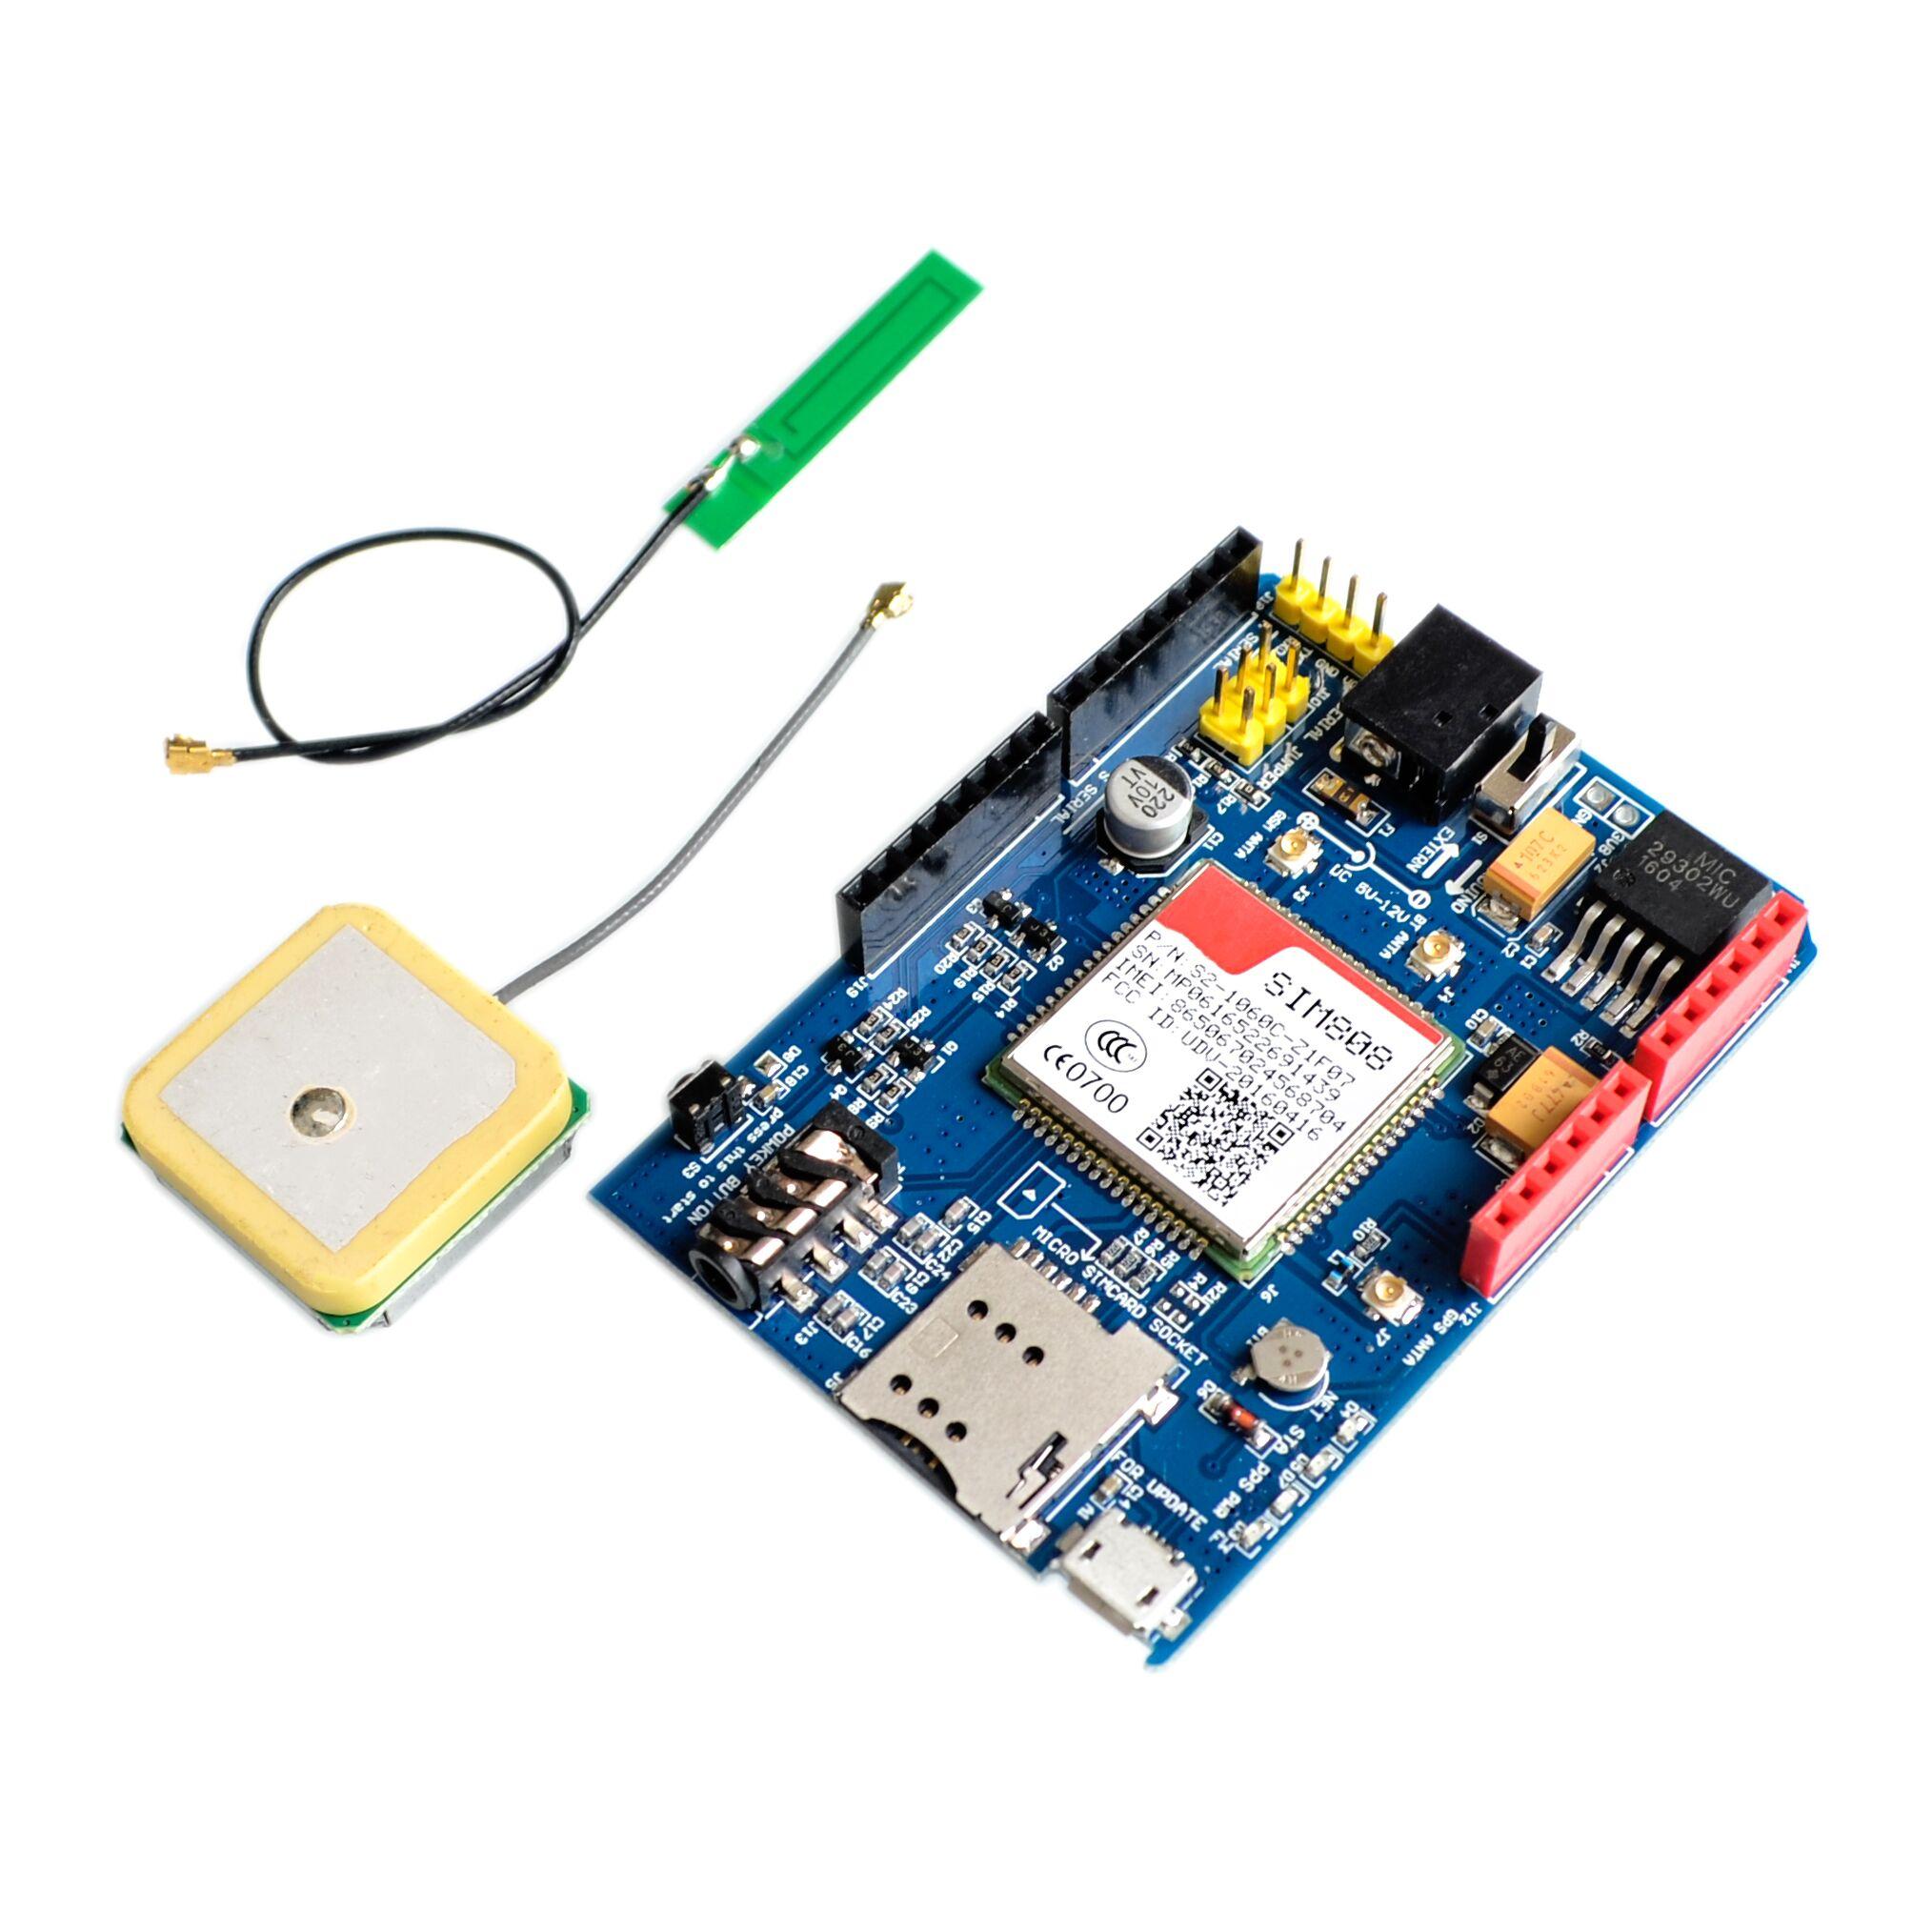 Haute qualité SIM808 GPRS/GSM + GPS bouclier 2 en 1 bouclier GSM GPRS GPS carte de développement SIM808 Module pour Arduino-in Circuits intégrés from Composants électroniques et fournitures on AliExpress